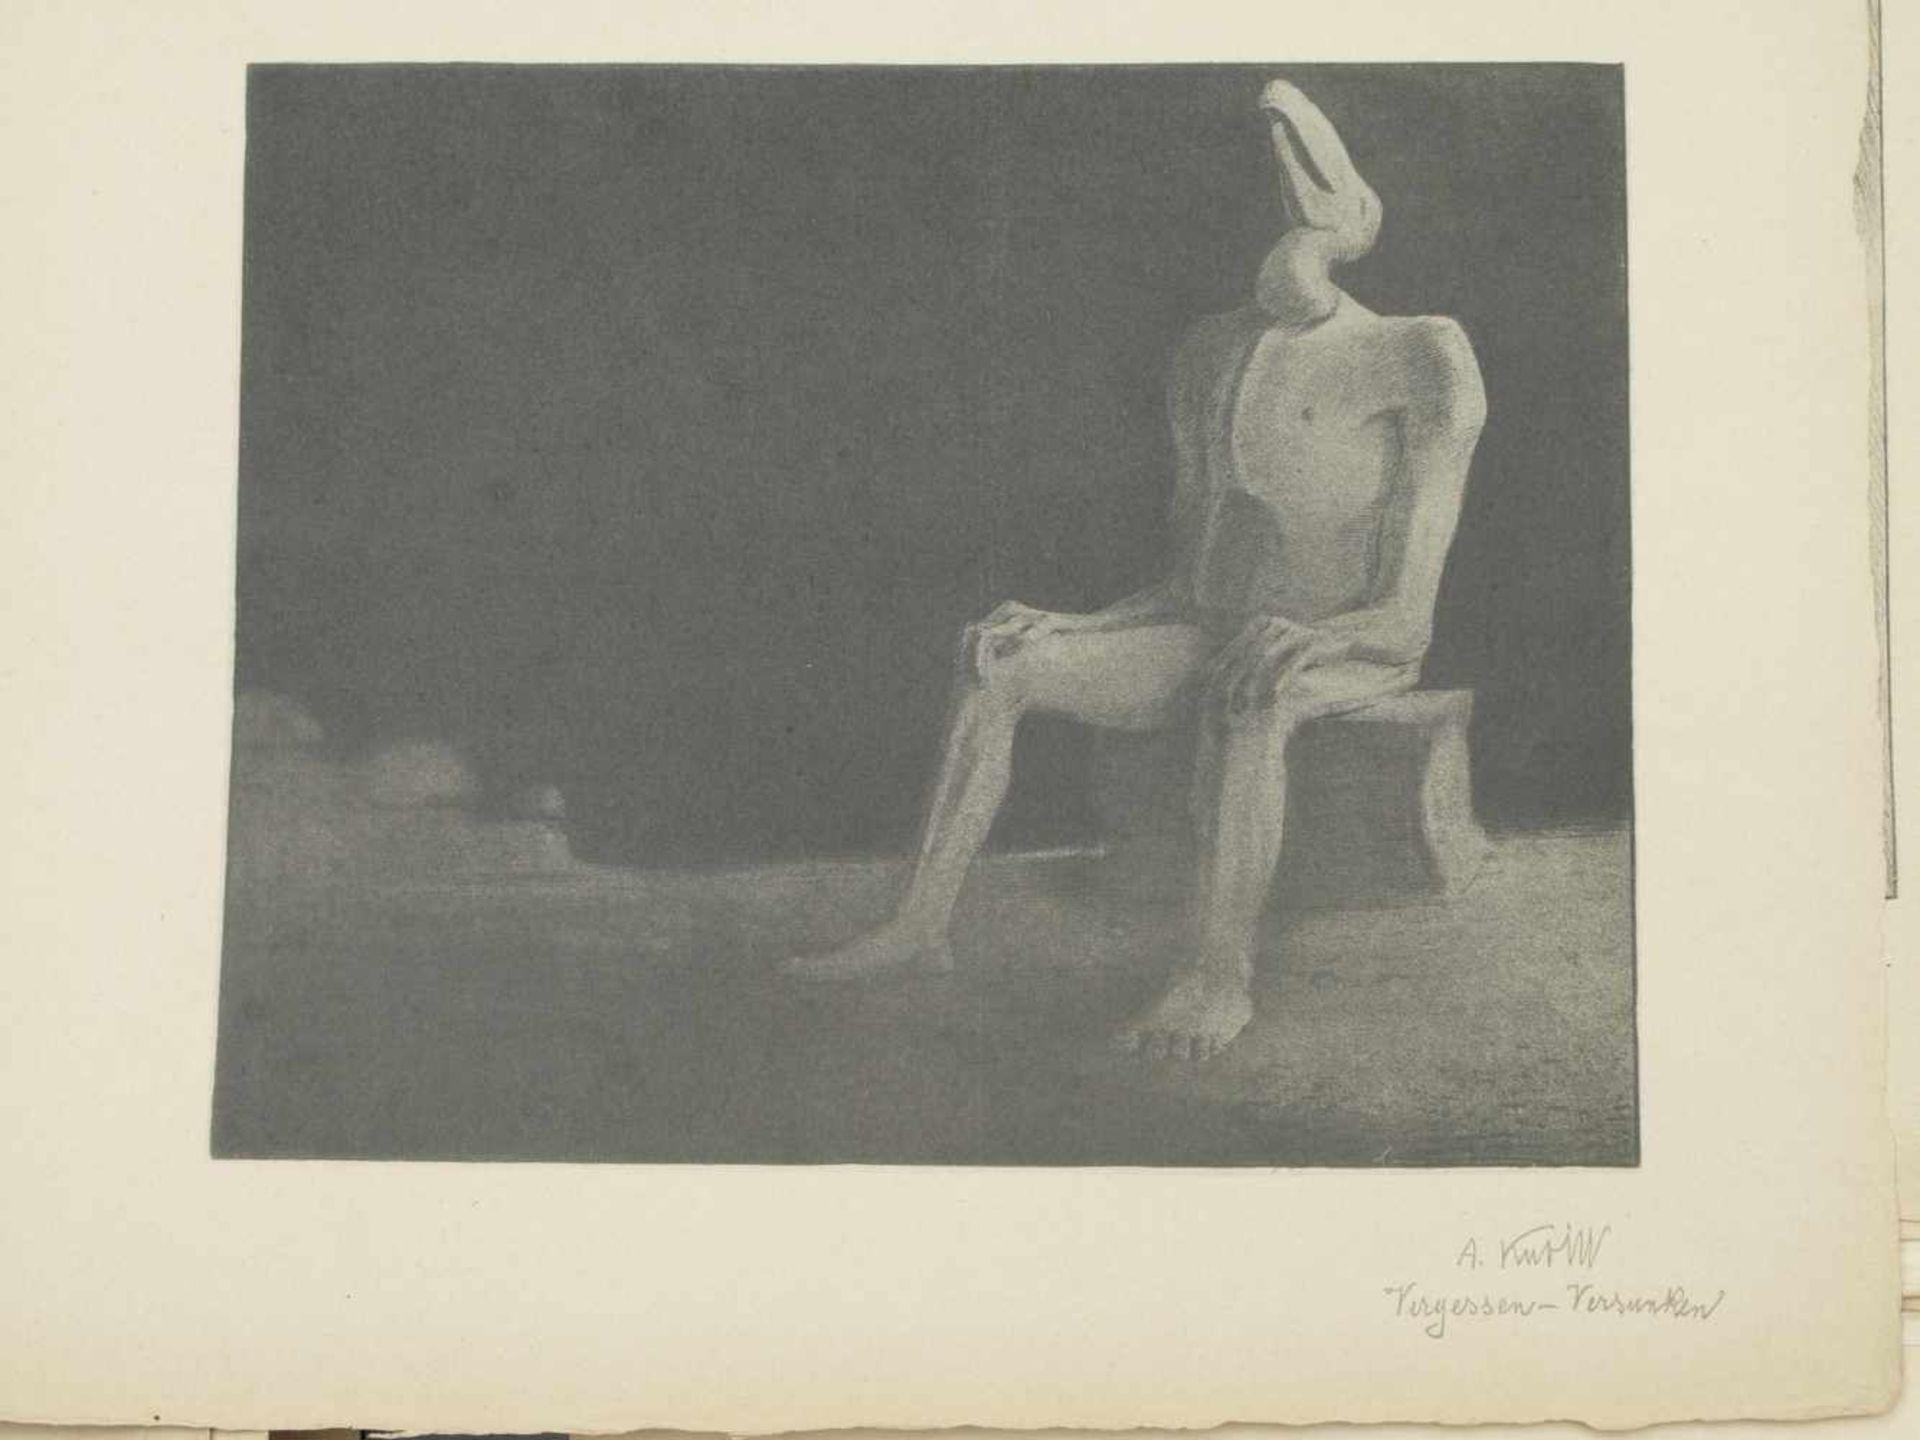 Los 58 - Kubin, Alfred (1877-1959) - Mappe Fünfzehn Facsimiledrucke München 1903Diese seltene und frühe